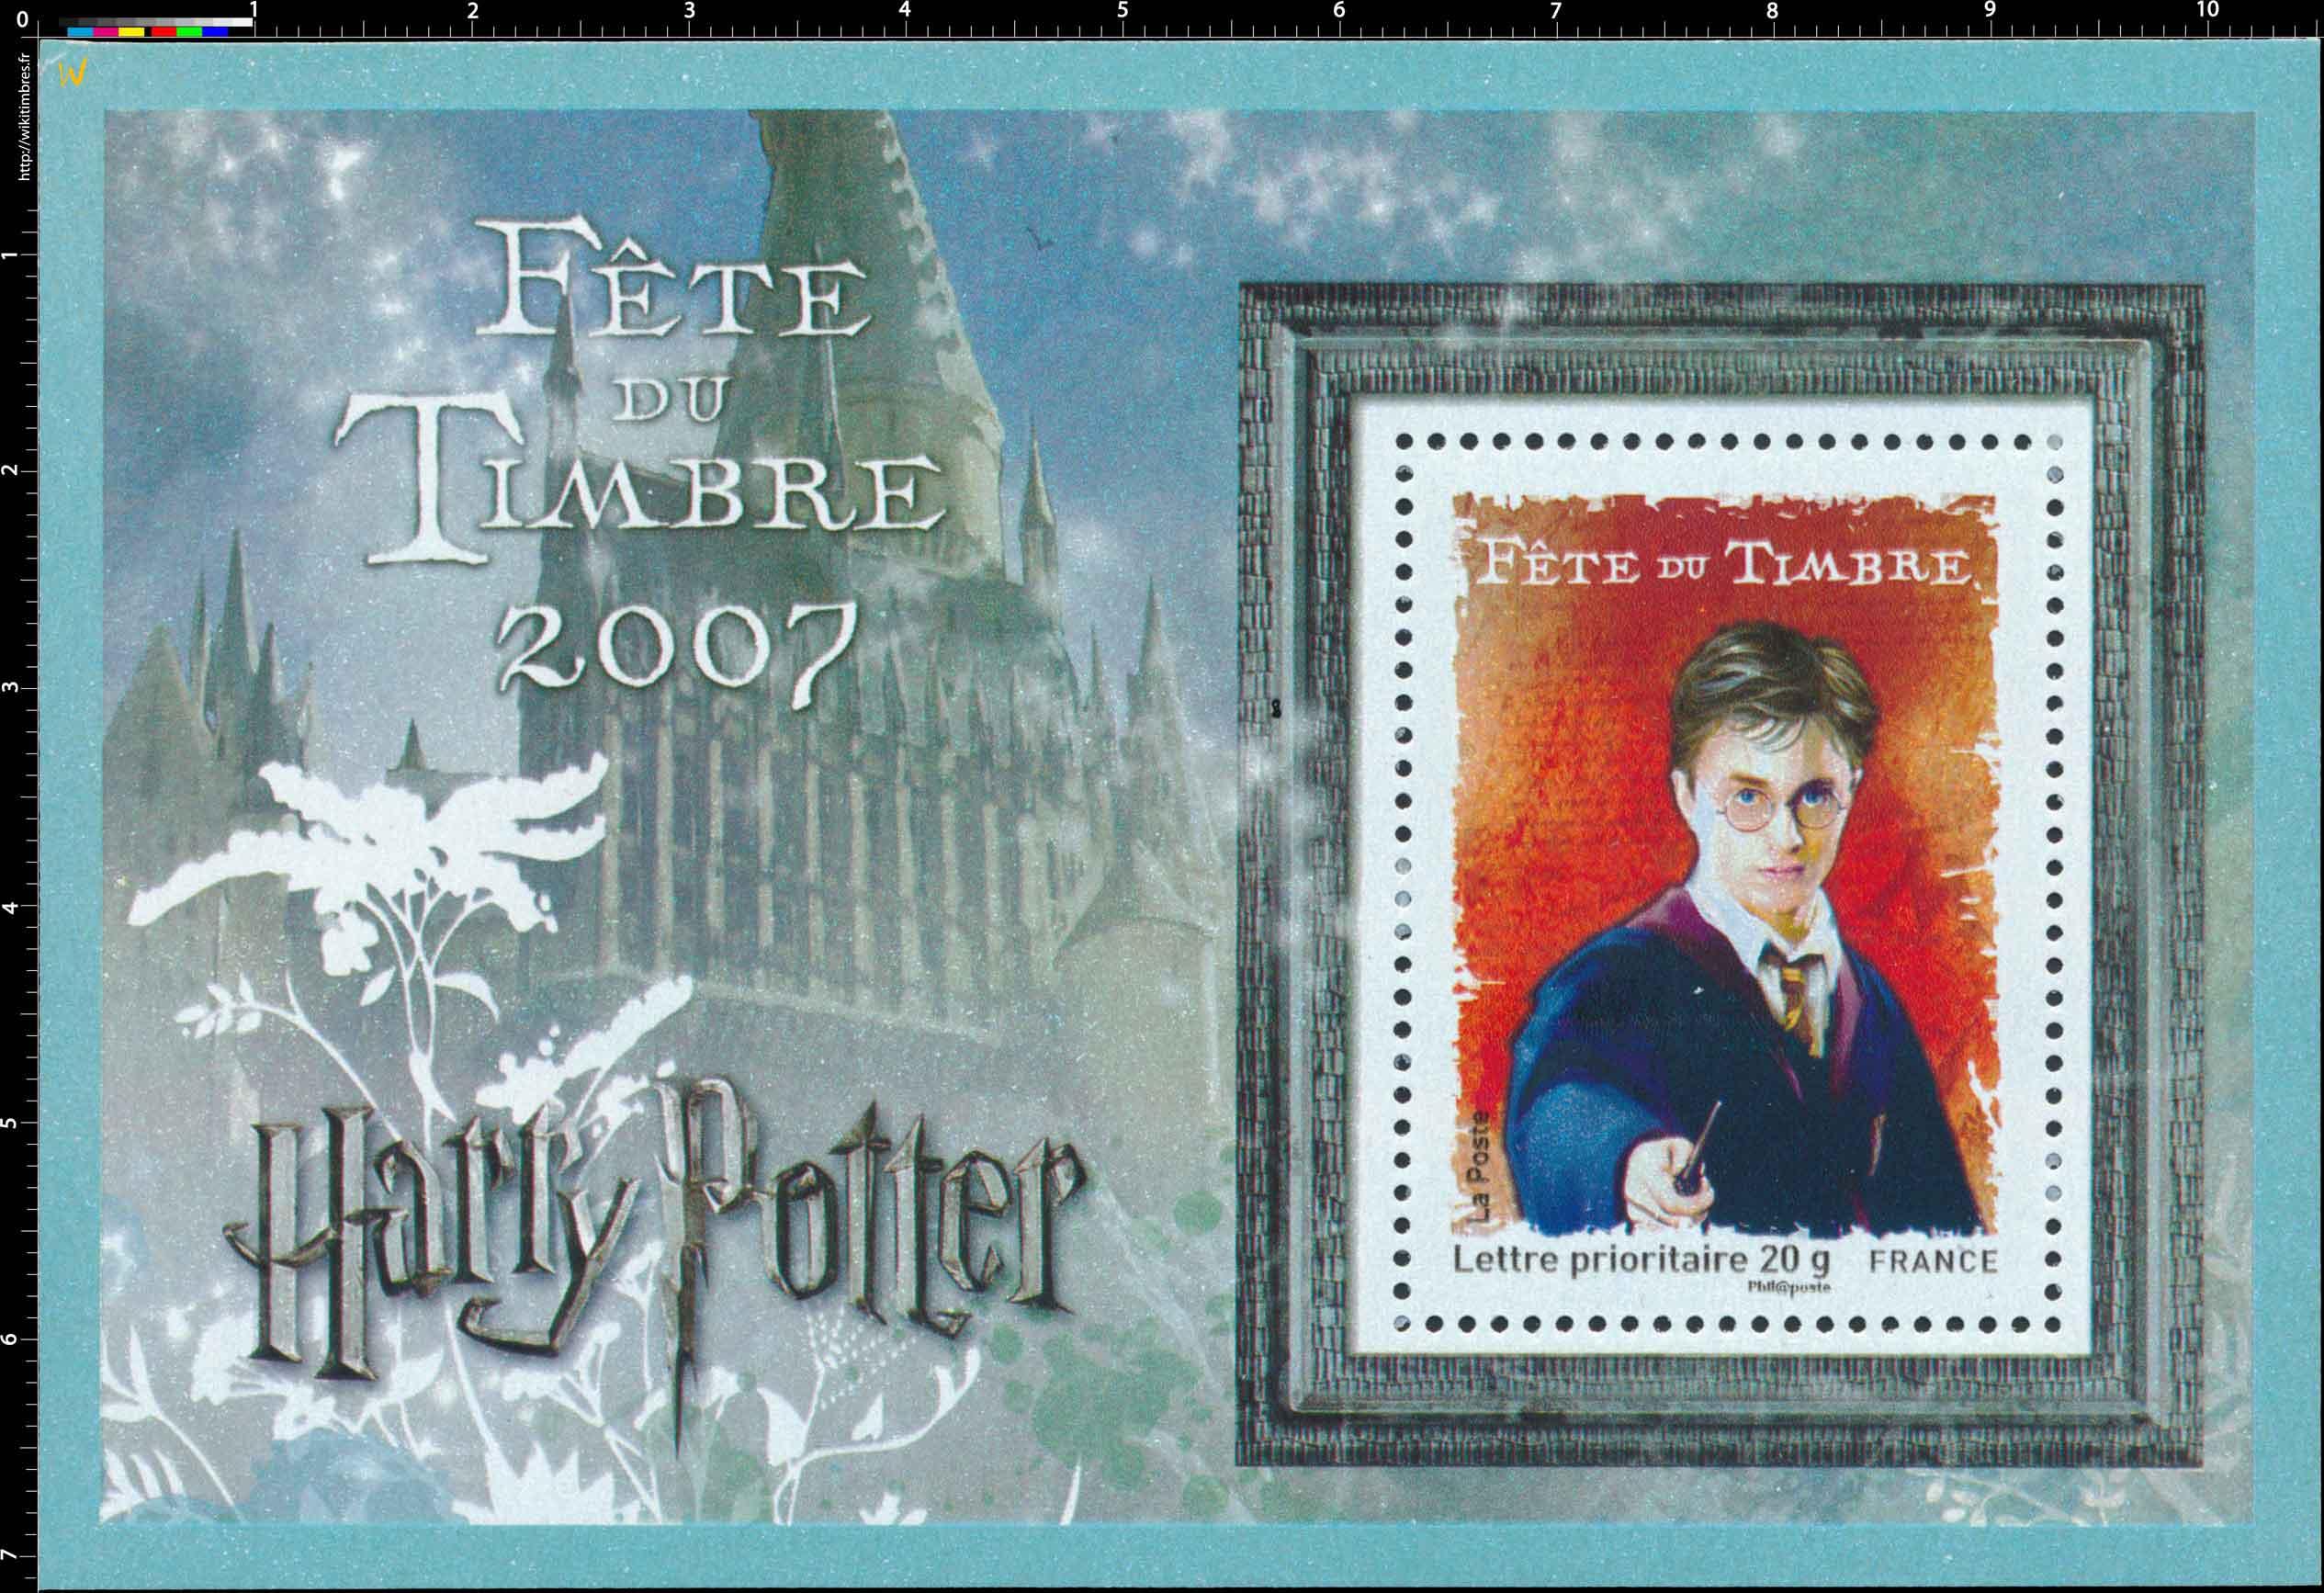 FÊTE DU TIMBRE 2007 Harry Potter